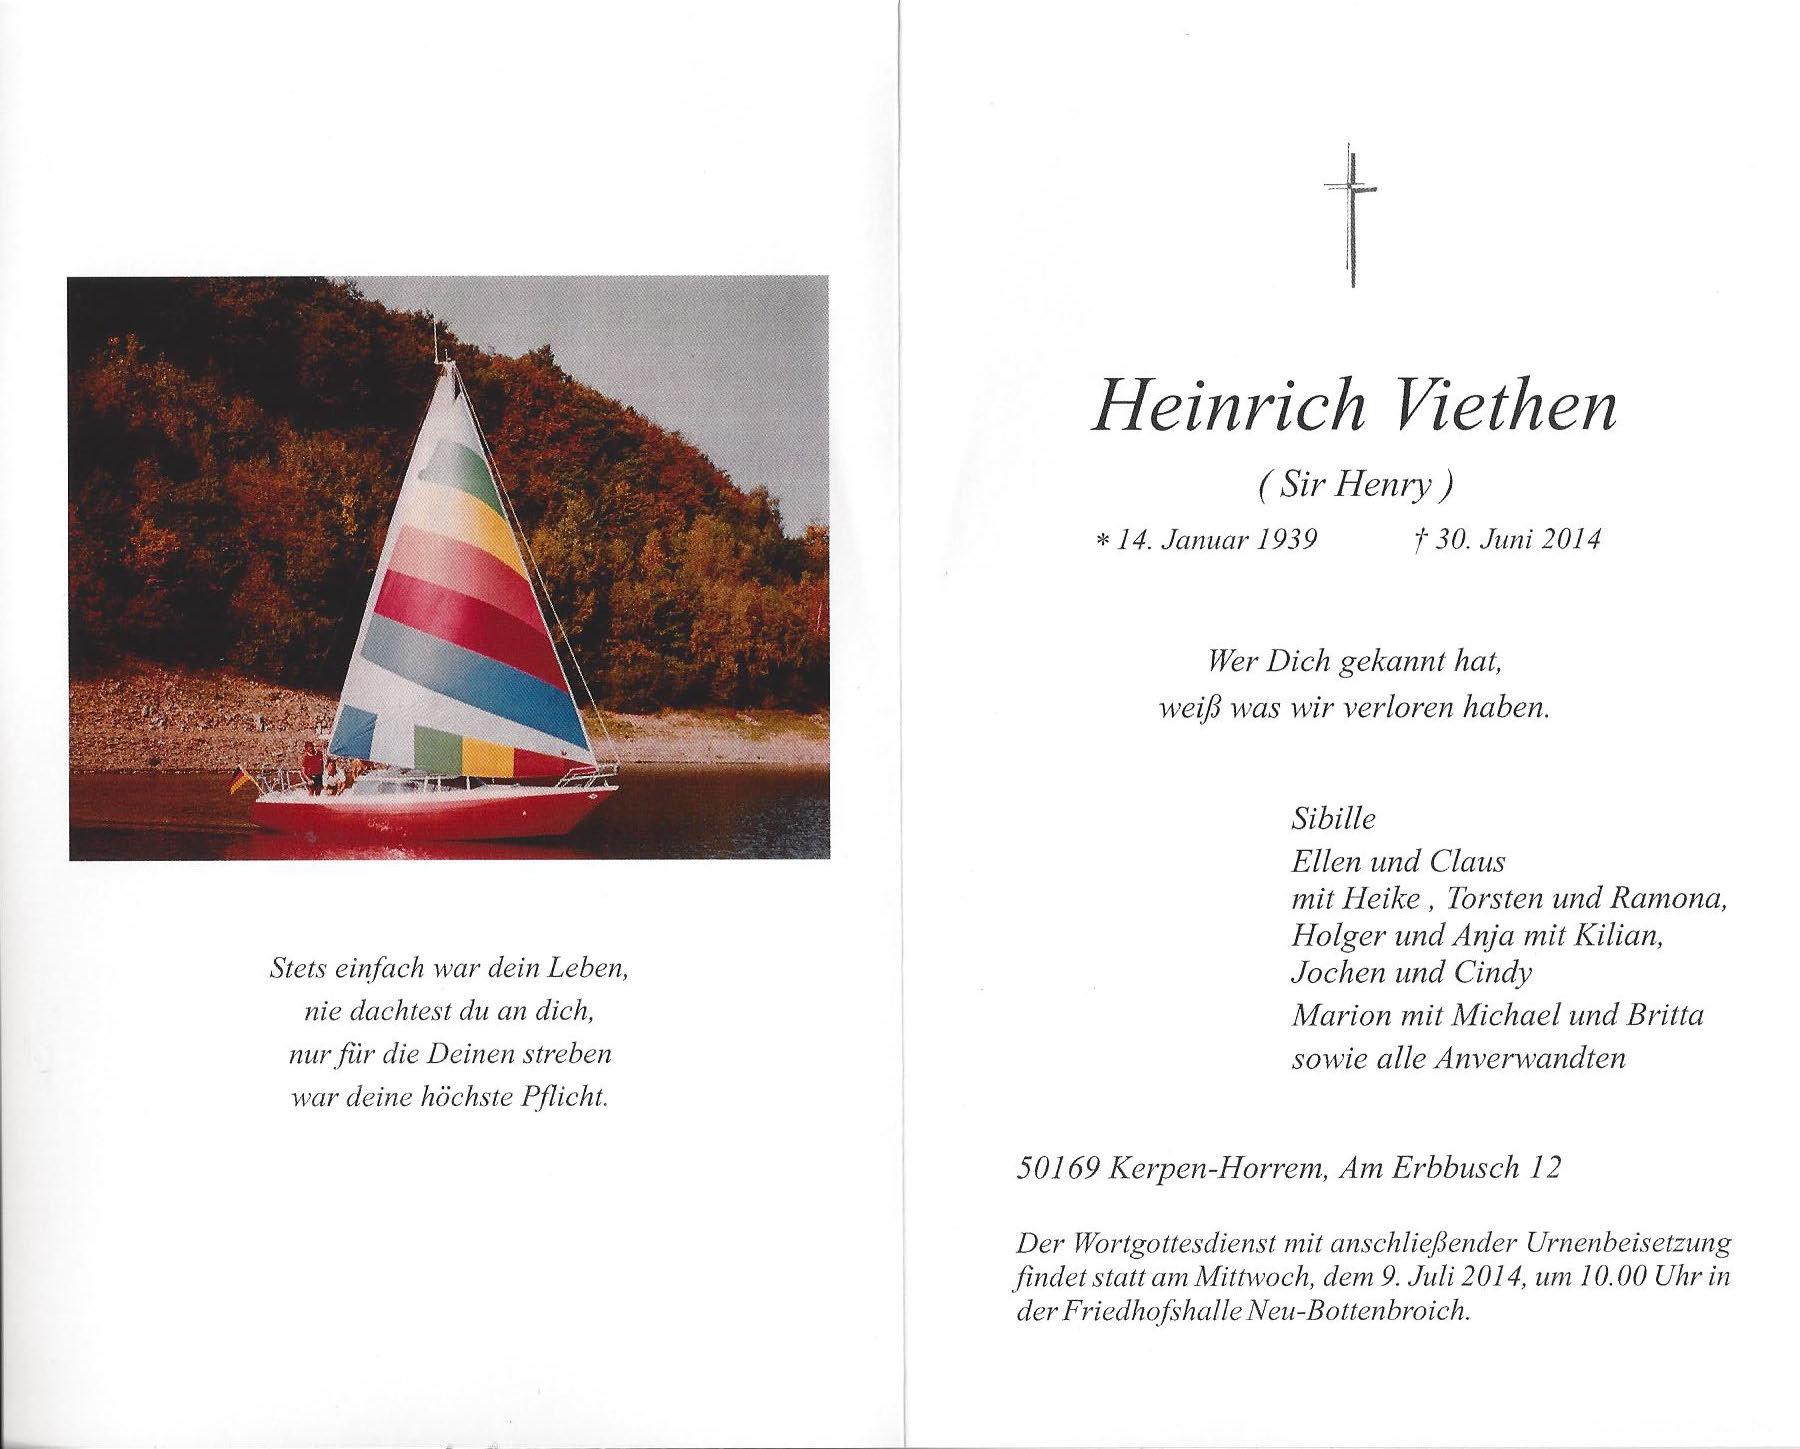 Traueranzeige Heinrich Viethen